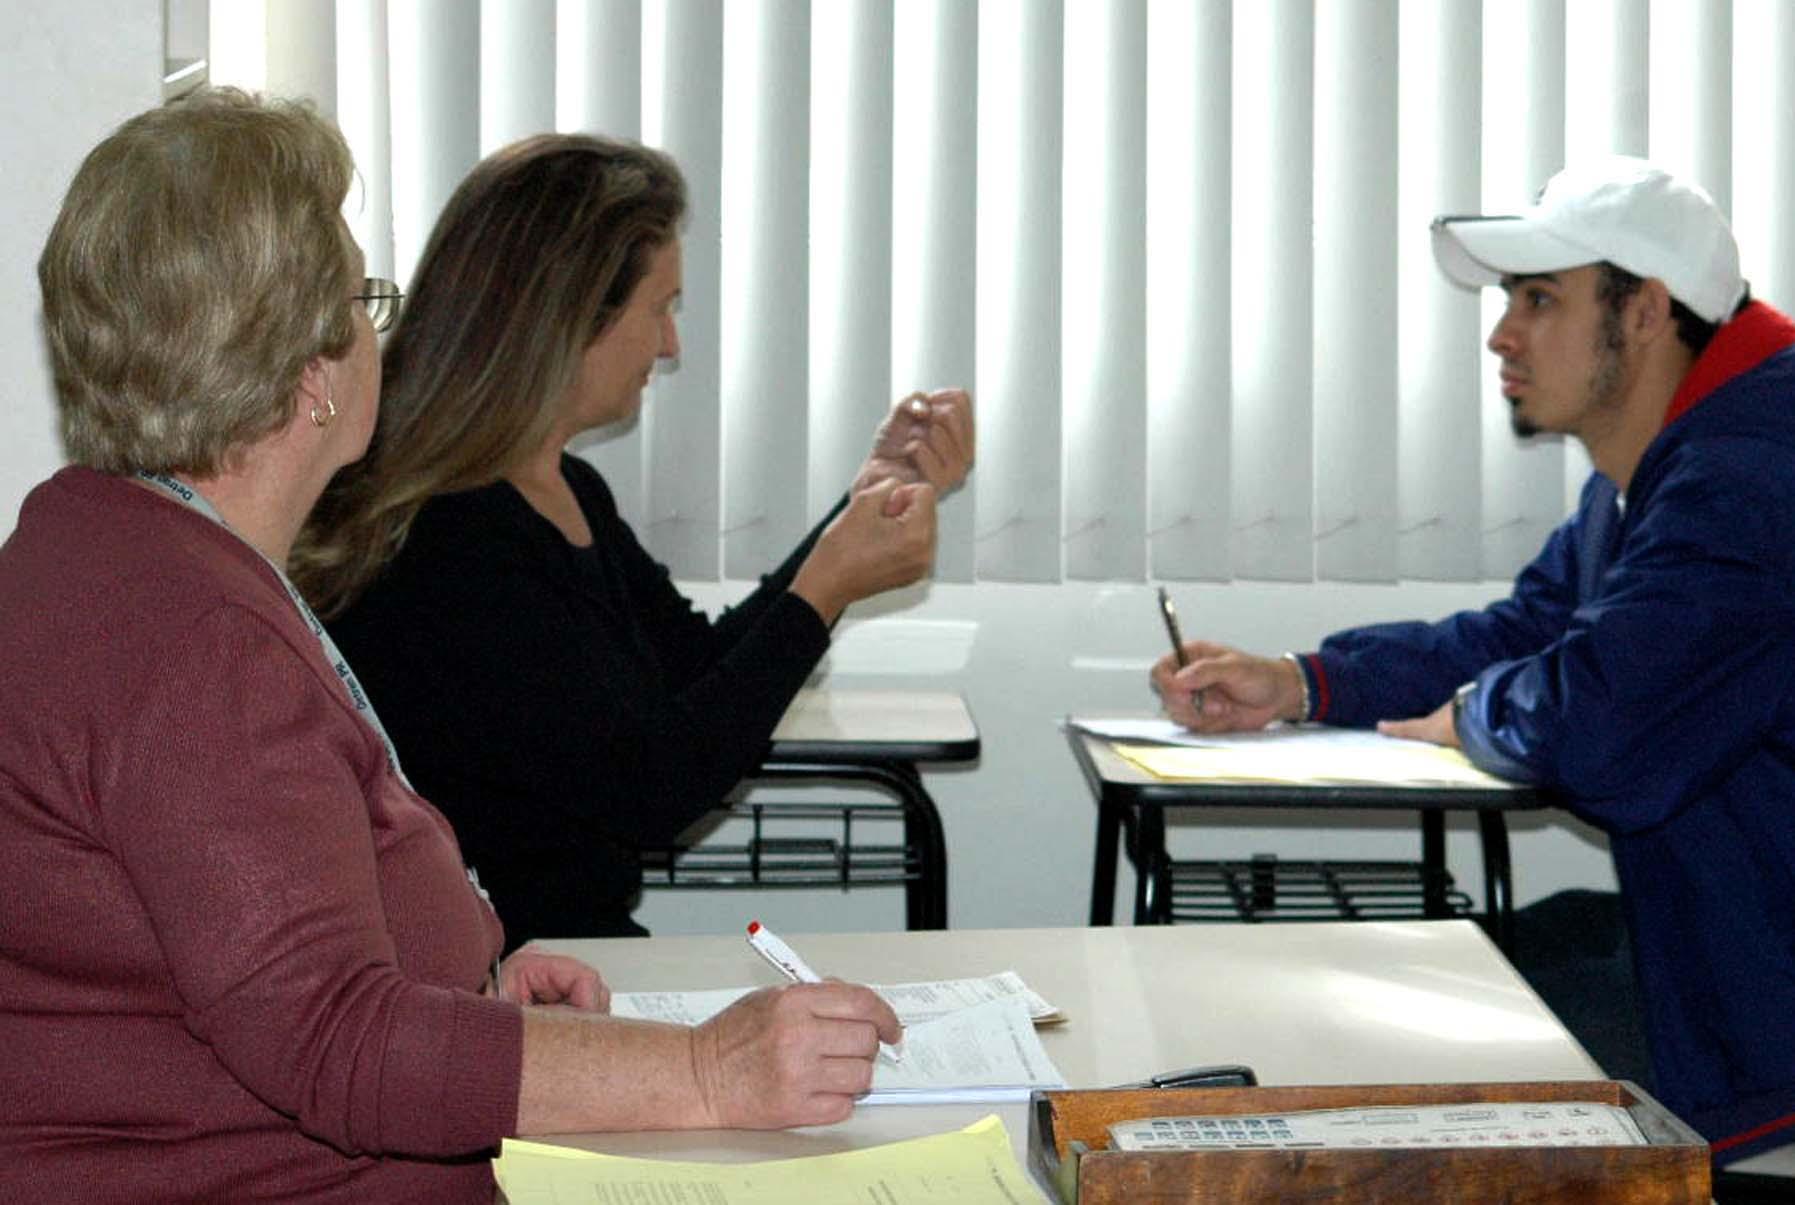 Deficientes auditivos terão intérprete de libras para carteira de habilitação